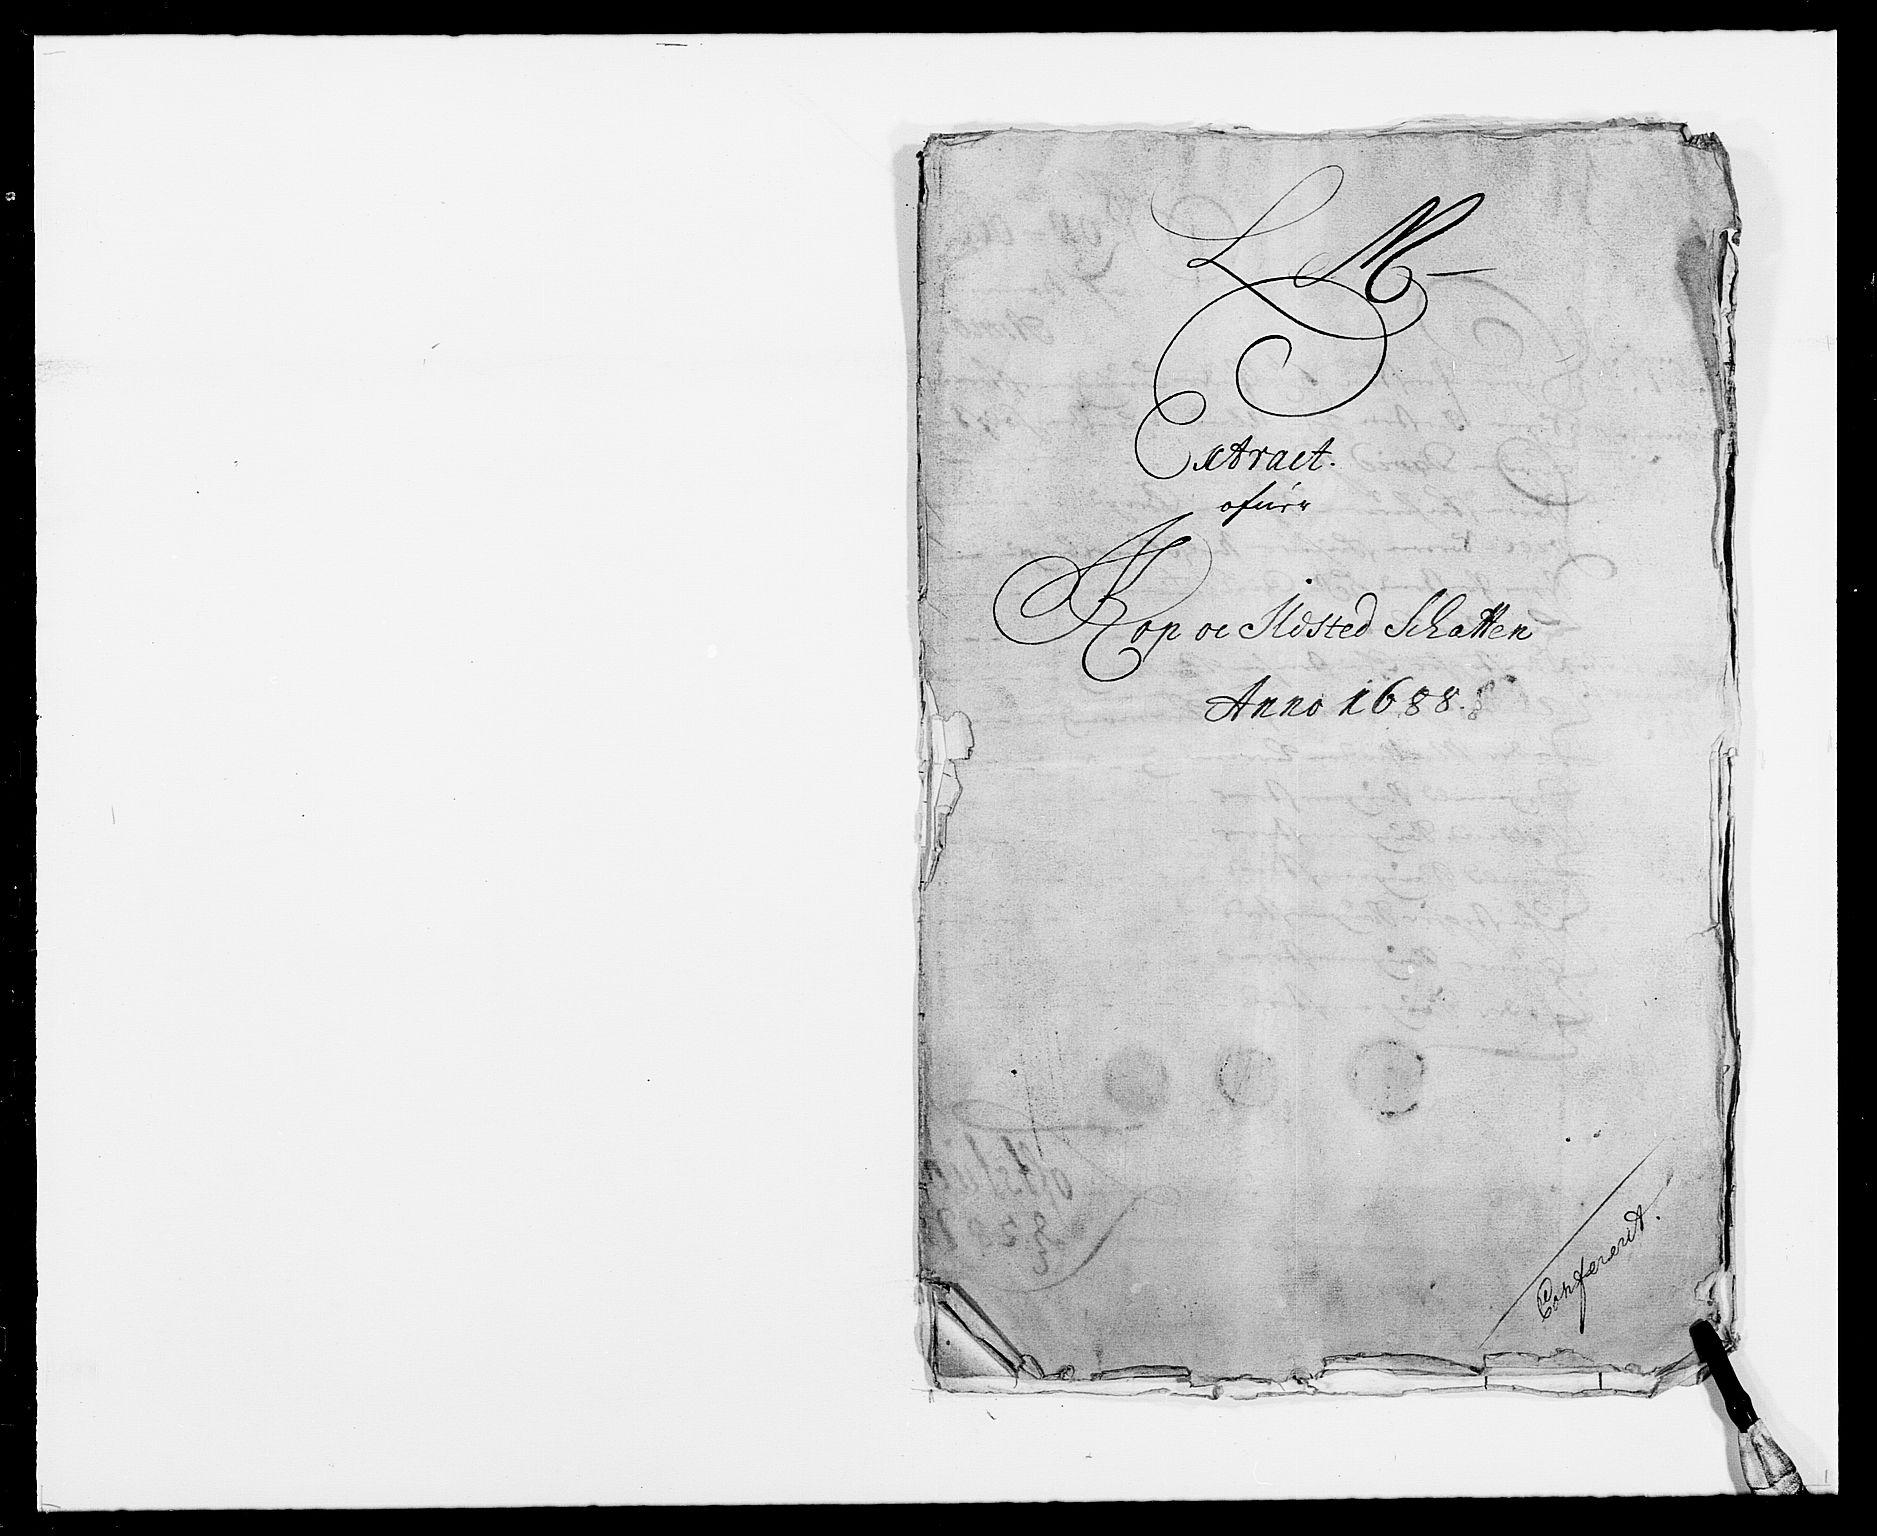 RA, Rentekammeret inntil 1814, Reviderte regnskaper, Fogderegnskap, R24/L1573: Fogderegnskap Numedal og Sandsvær, 1687-1691, s. 332